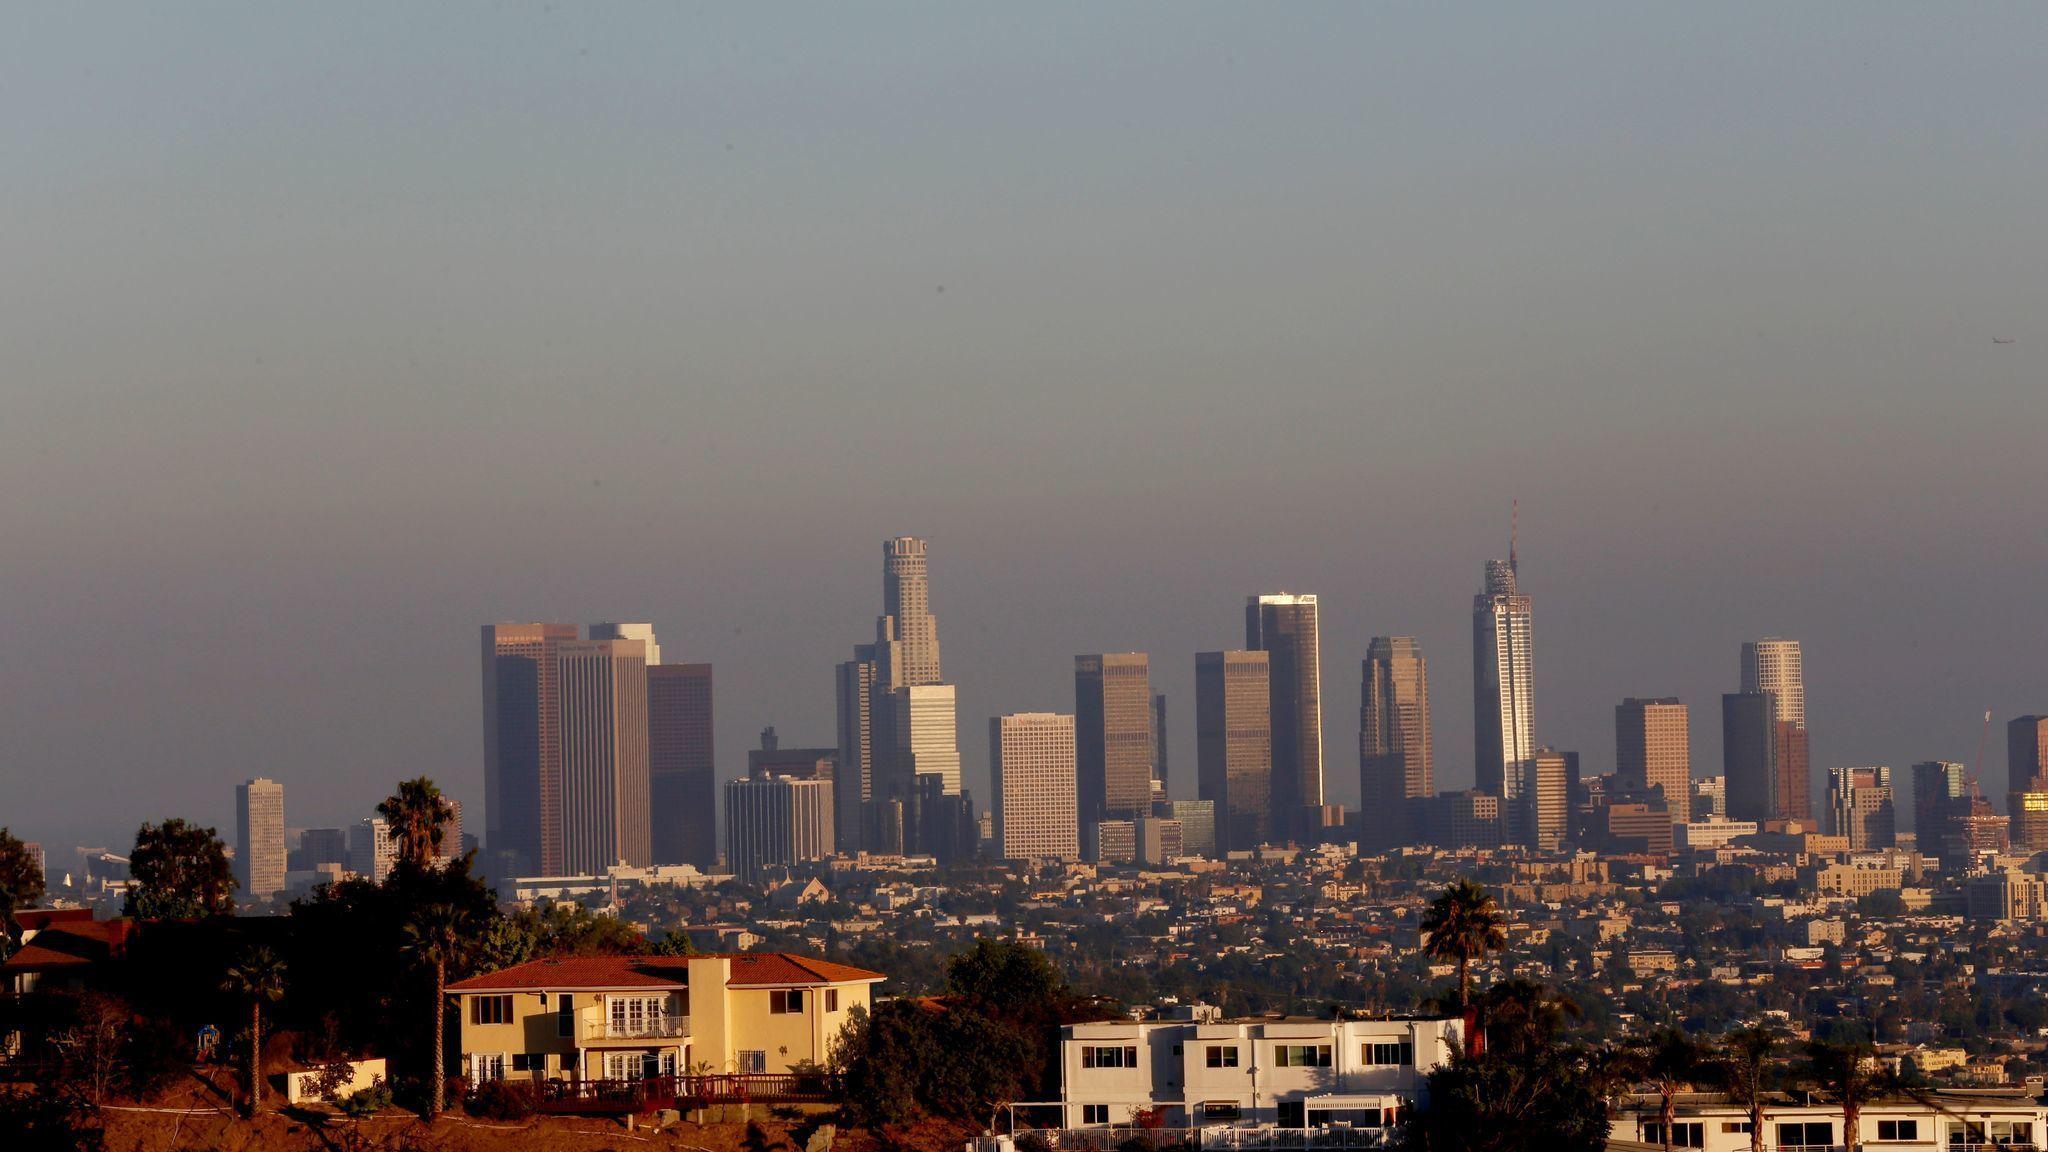 air pollution in los angeles La ville de los angeles est la deuxième ville des États-unis avec 18 millions d'habitantsmais c'est aussi la ville la plus polluée du pays comment s'explique la pollution de los angeles.